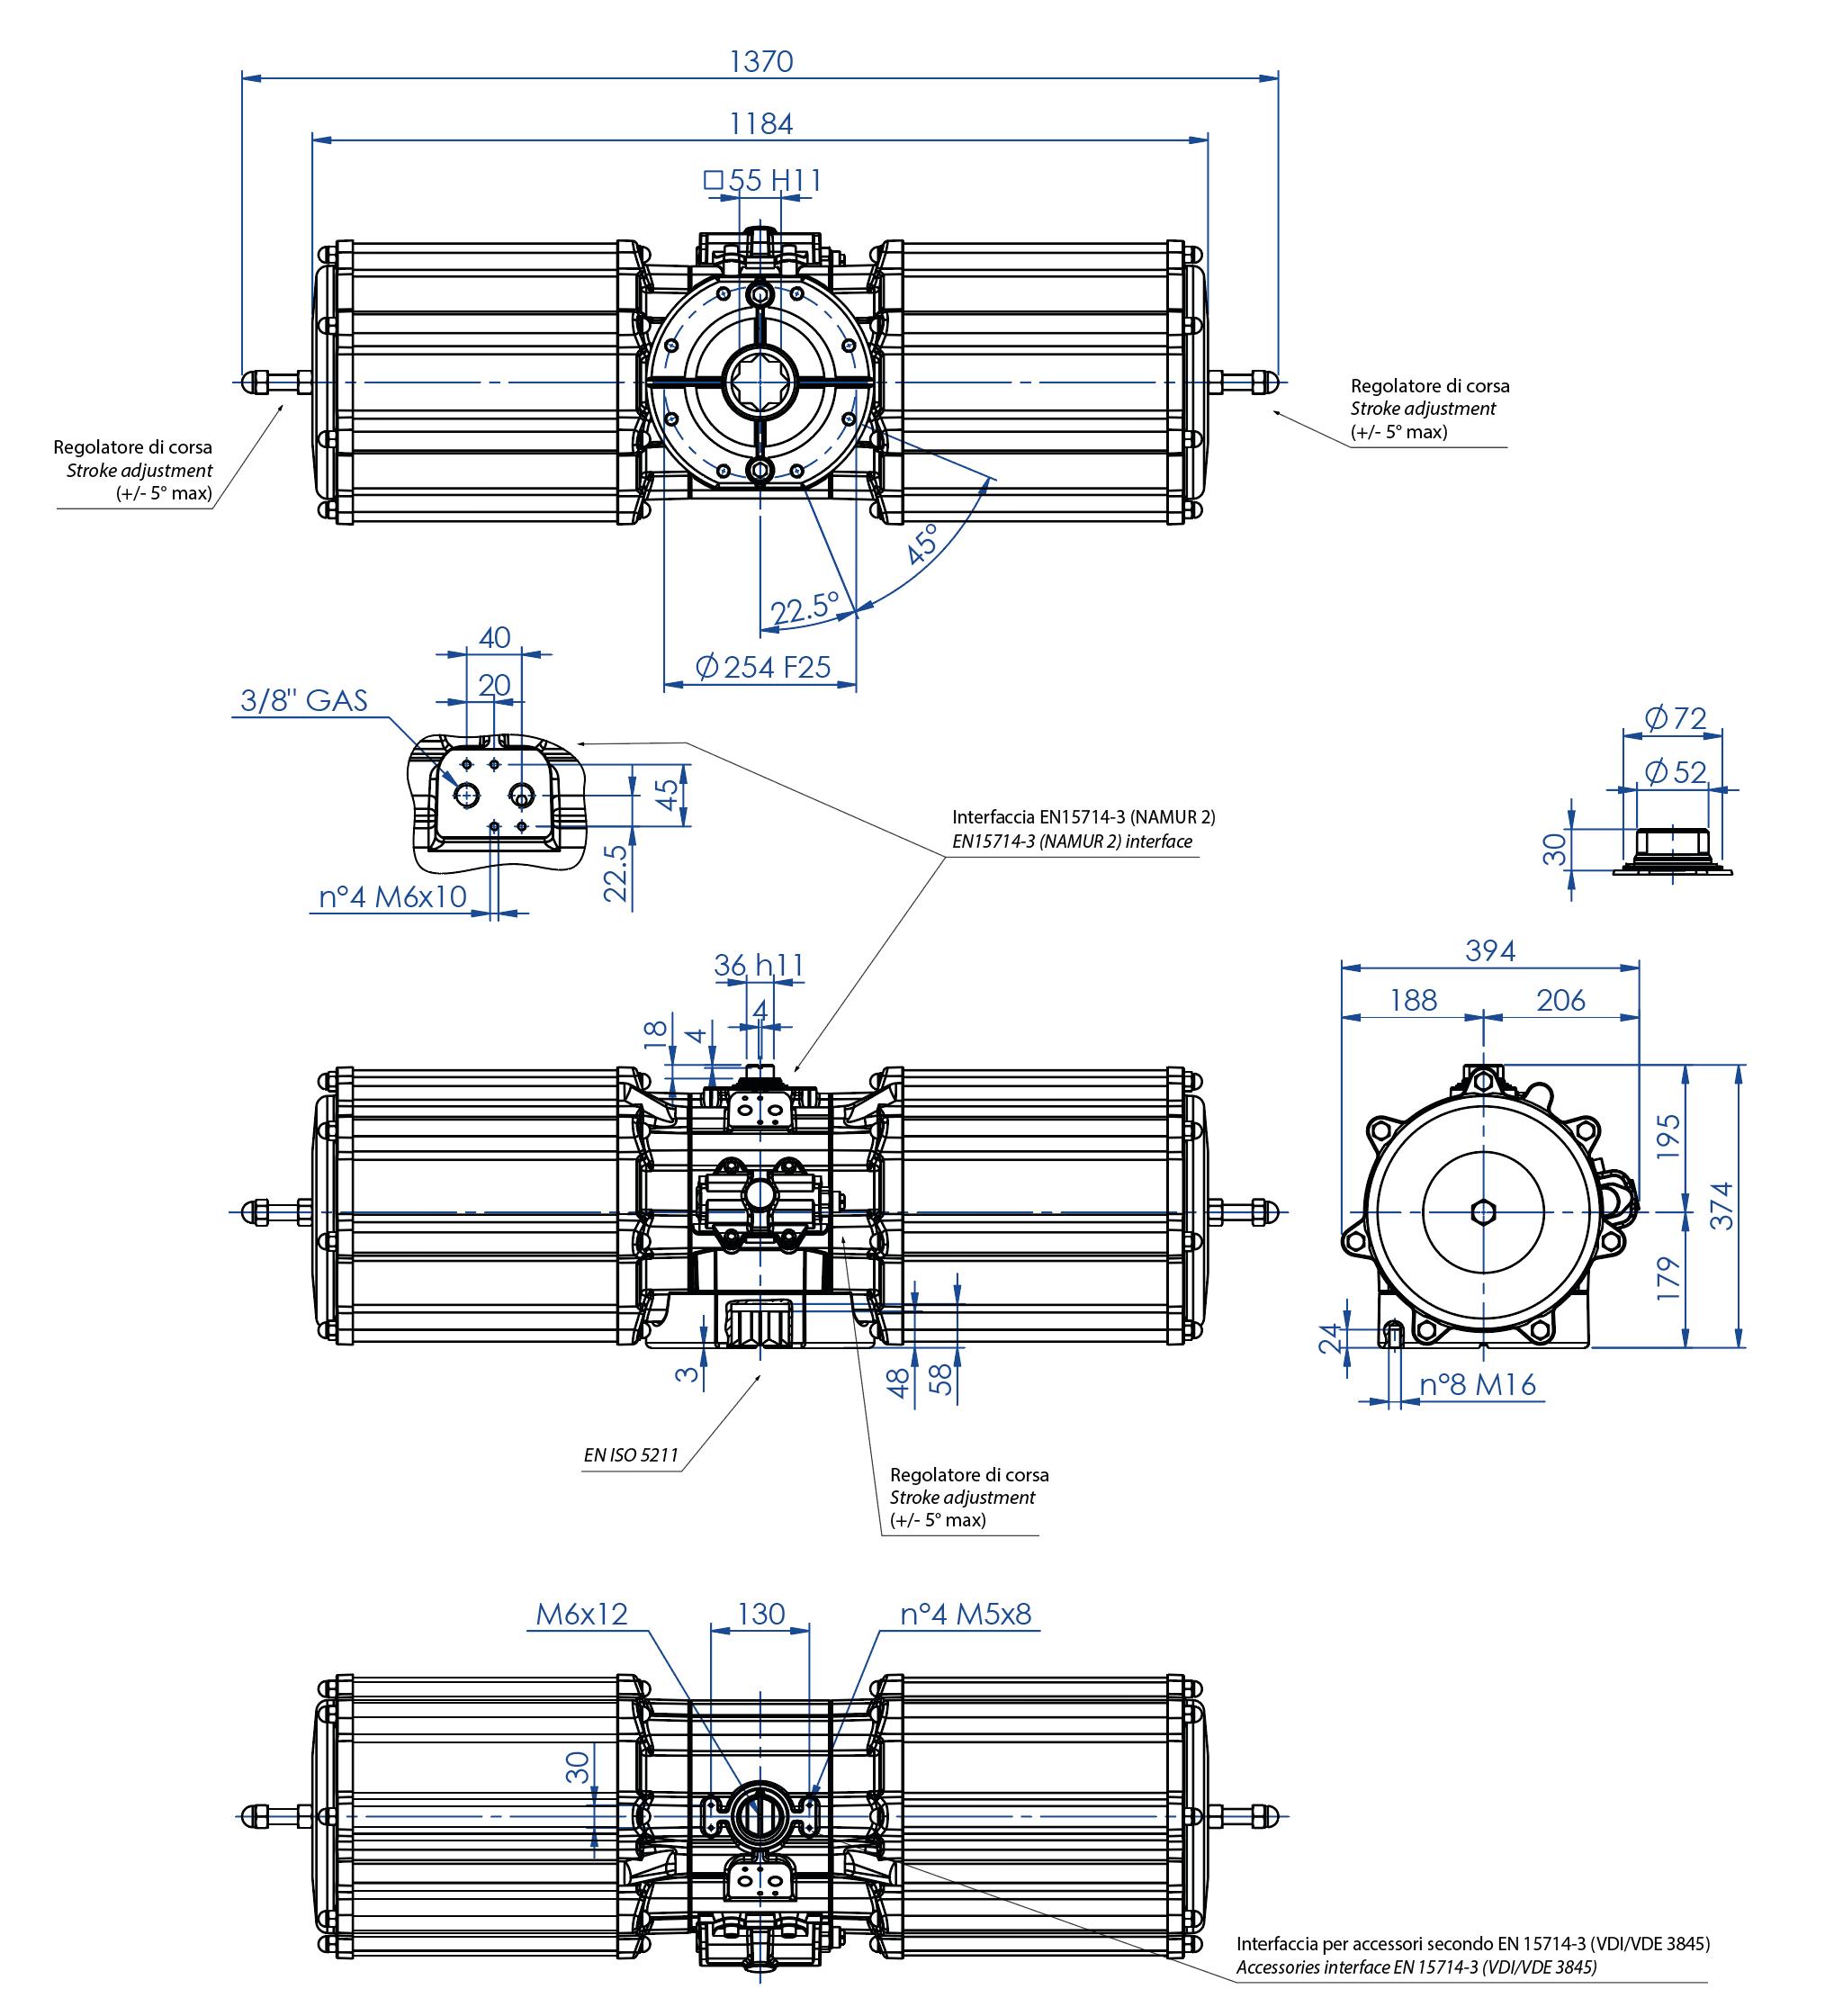 Einfachwirkender pneumatischer Stellantrieb GS aus Aluminium - abmessungen - Einfachwirkender pneumatischer Stellantrieb Baugröße GS 4000 (Nm)